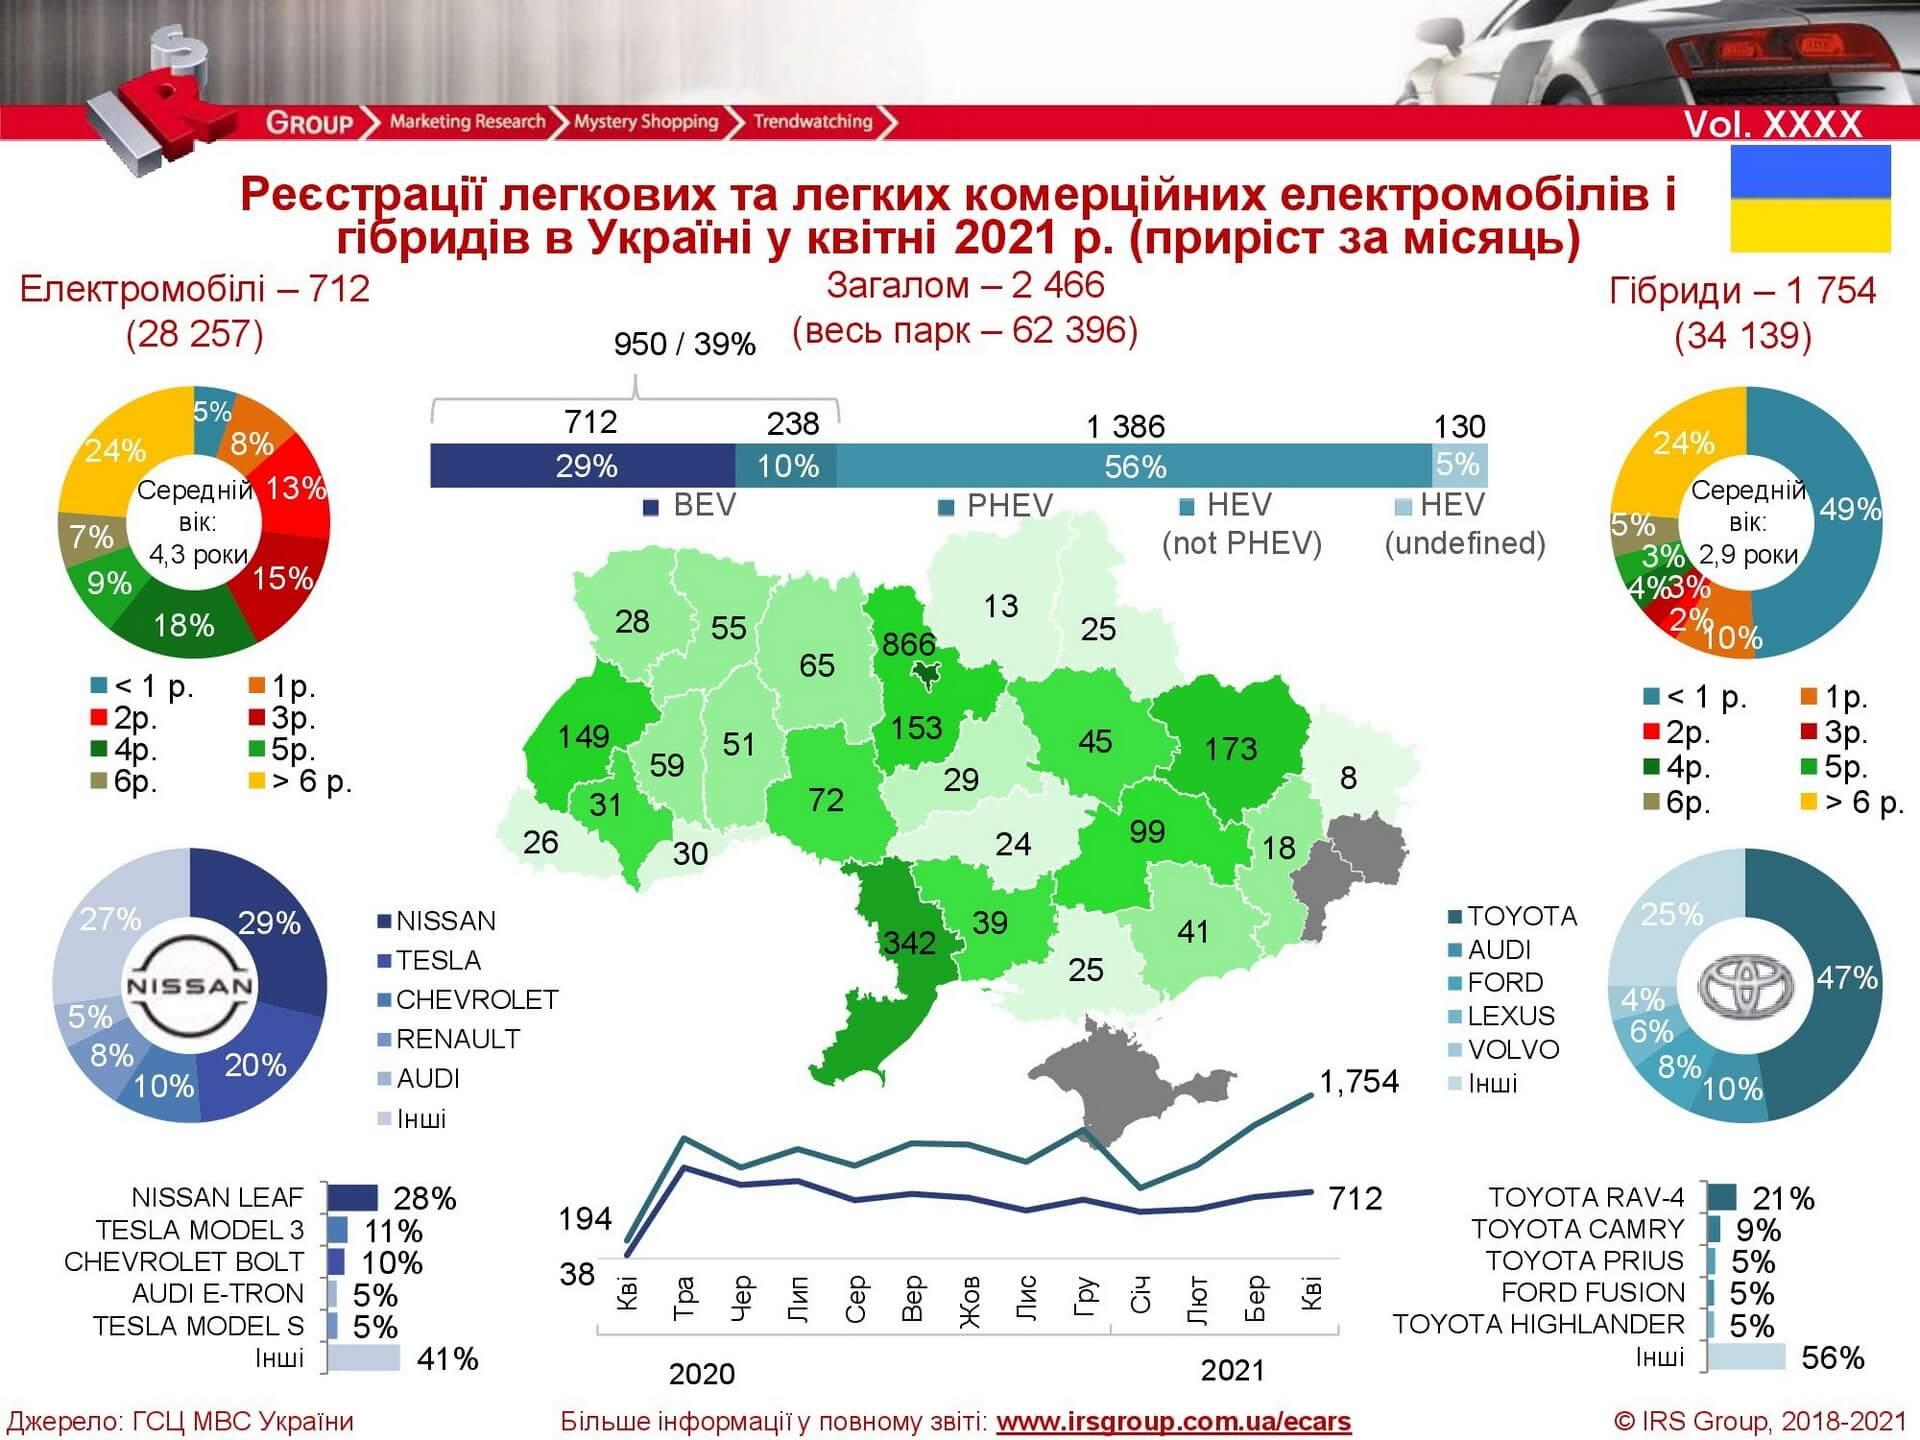 Электромобильный рынок Украины достиг отметки 62 396 автомобилей